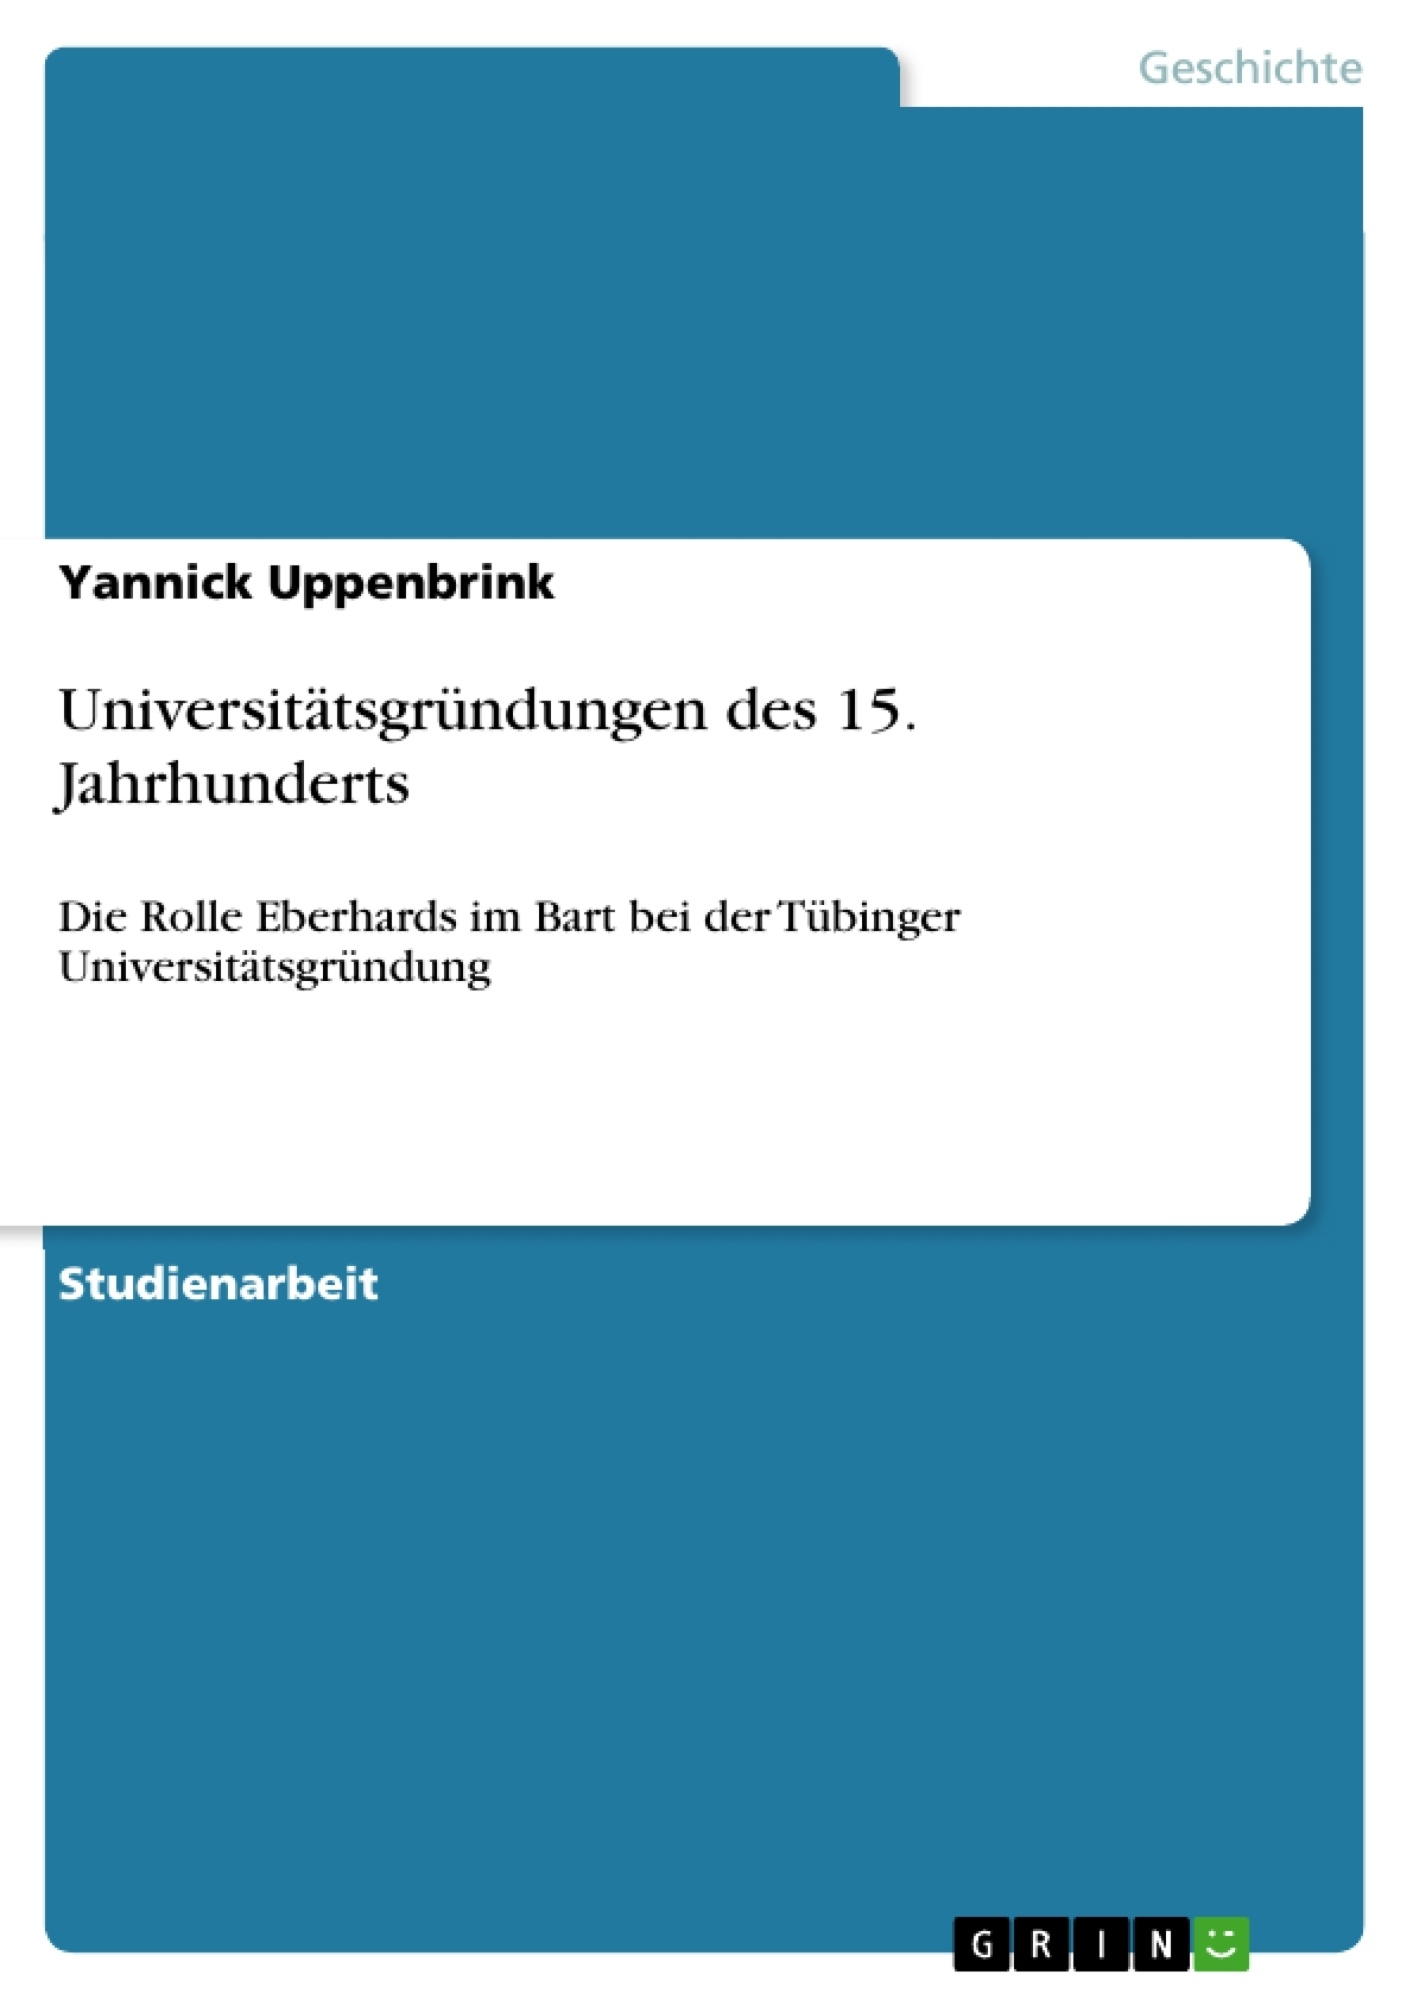 Titel: Universitätsgründungen des 15. Jahrhunderts